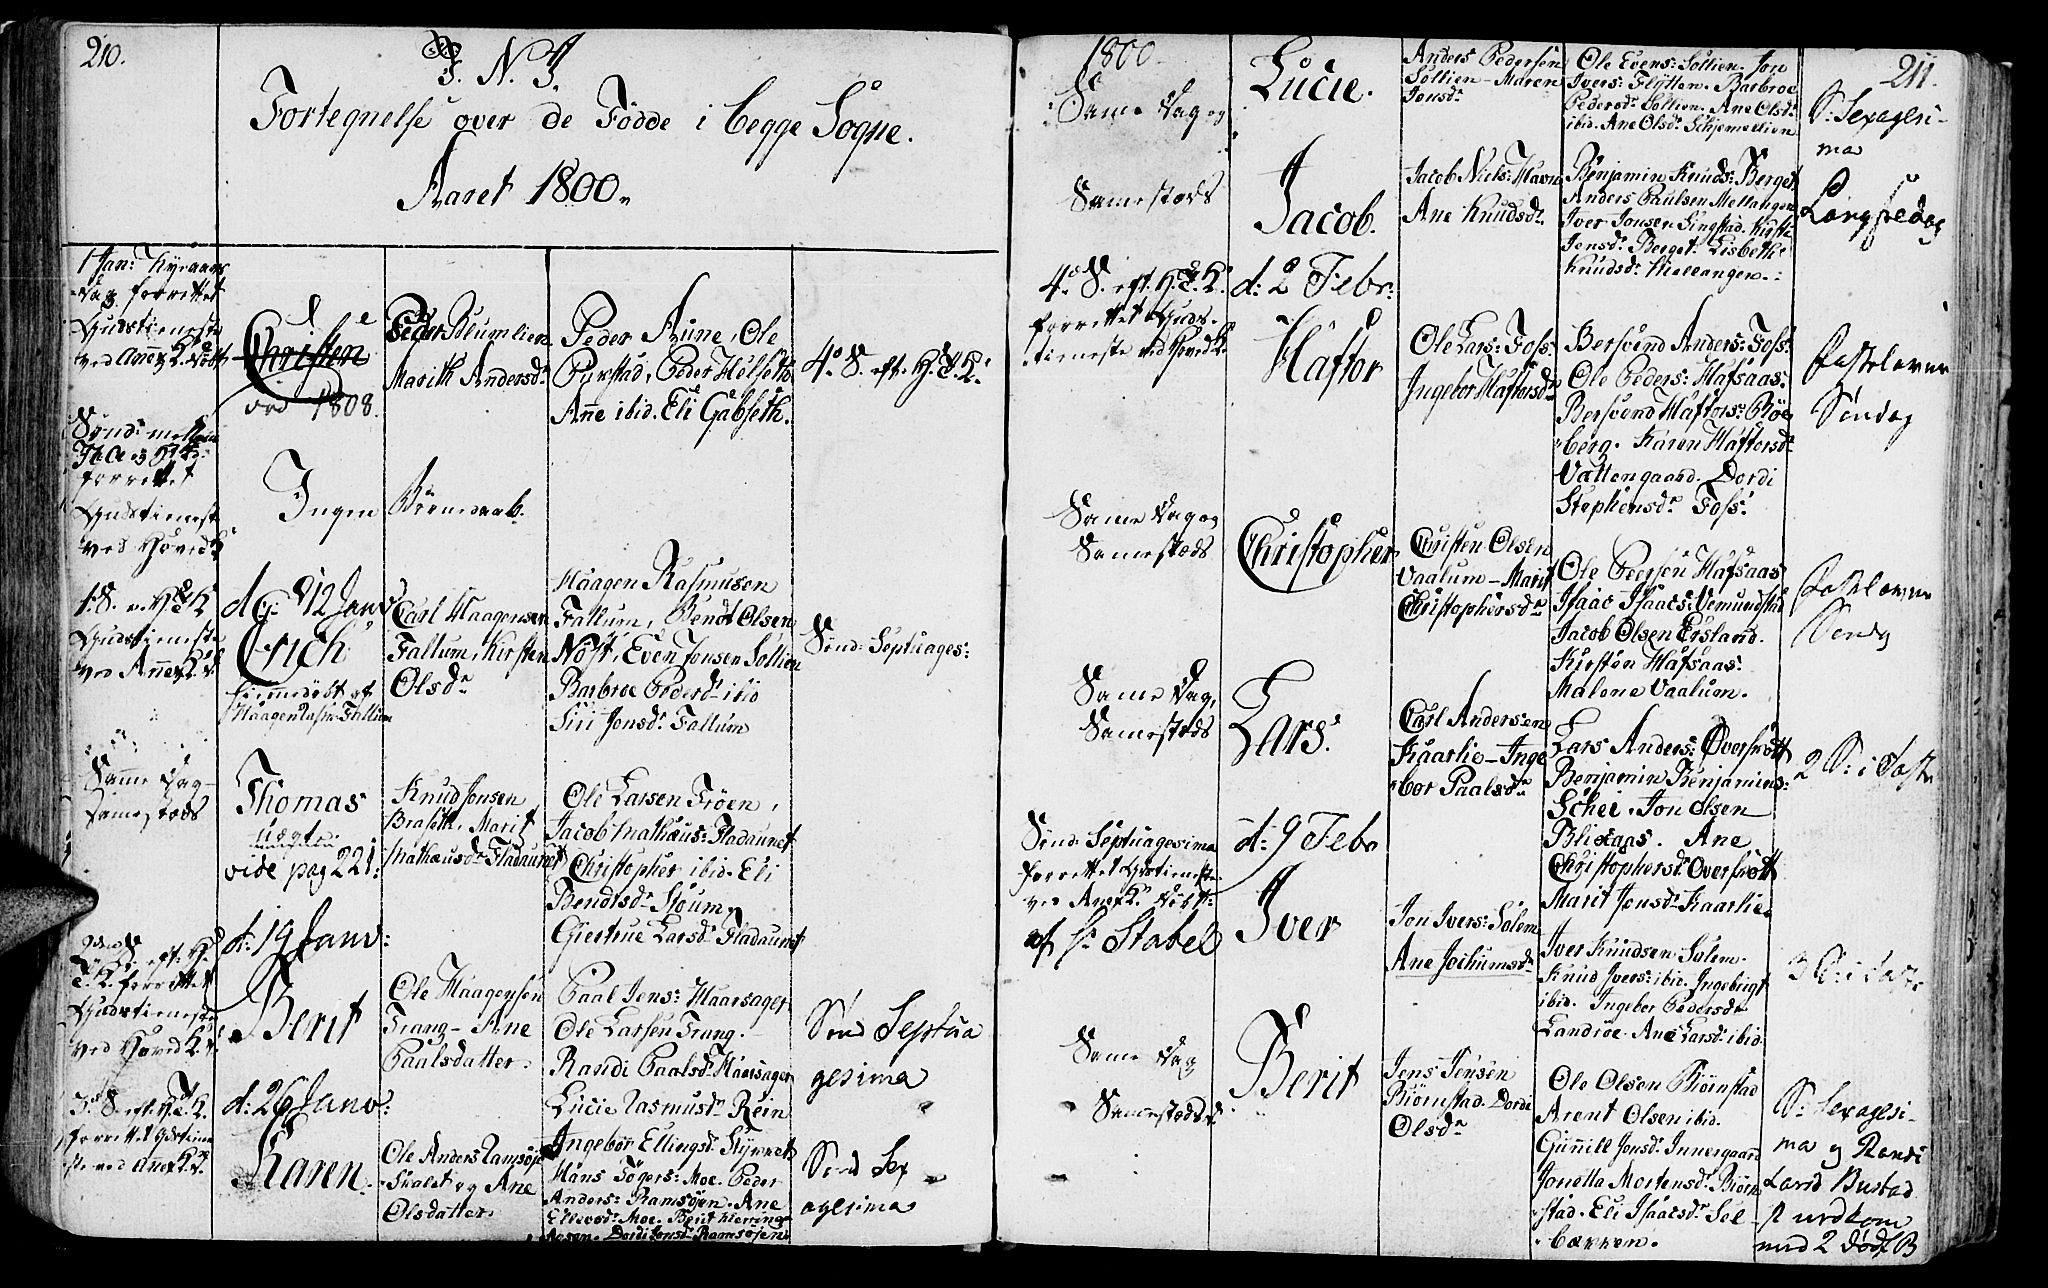 SAT, Ministerialprotokoller, klokkerbøker og fødselsregistre - Sør-Trøndelag, 646/L0606: Ministerialbok nr. 646A04, 1791-1805, s. 210-211